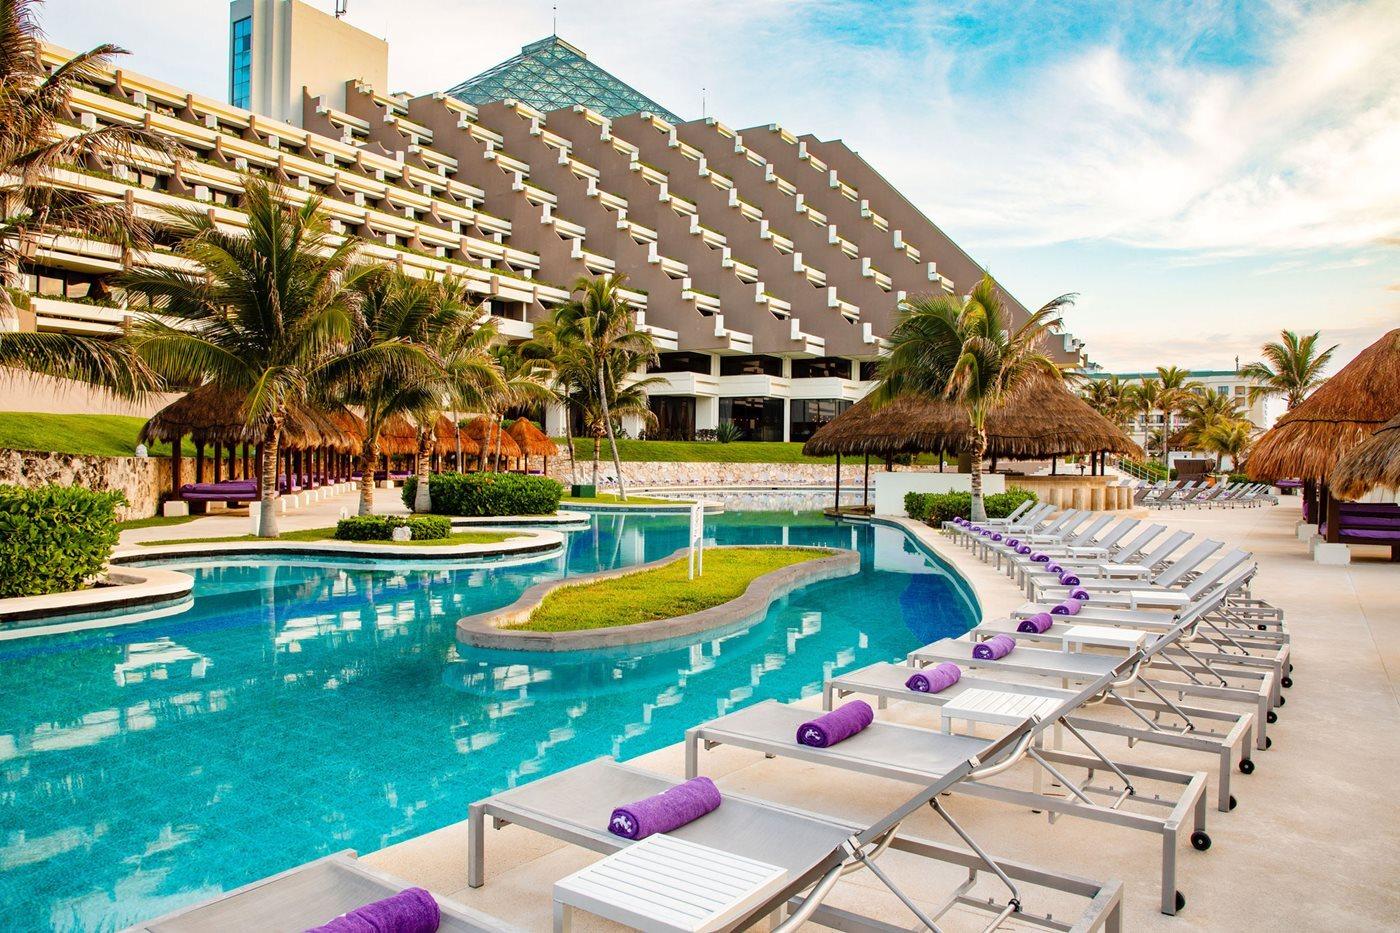 Paradisus Cancun Cancun, Mexico pool